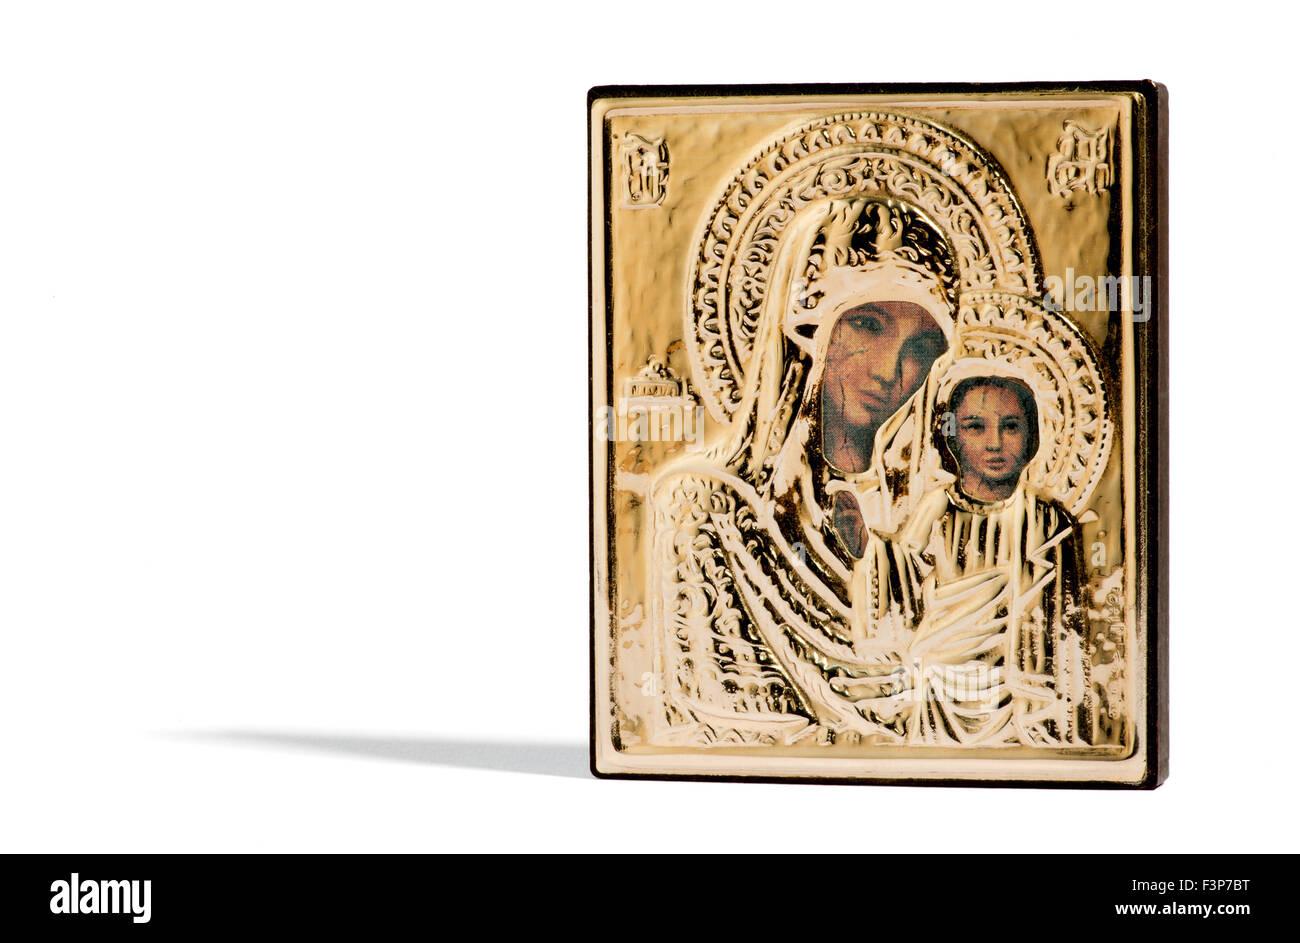 Icono religioso de madera pintada de la Virgen María y el niño Jesús Imagen De Stock